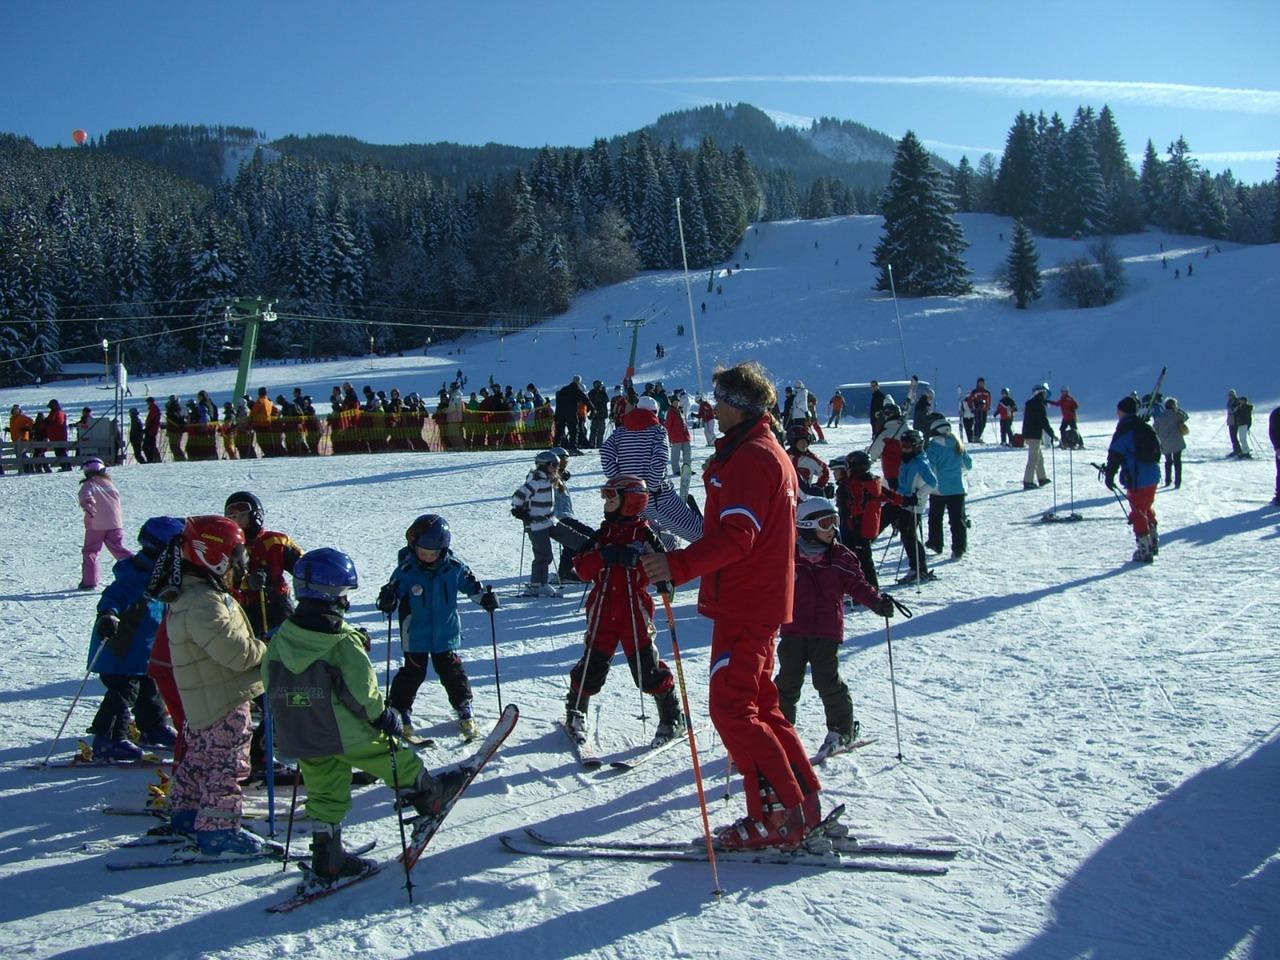 ski-lessons-249504_1280